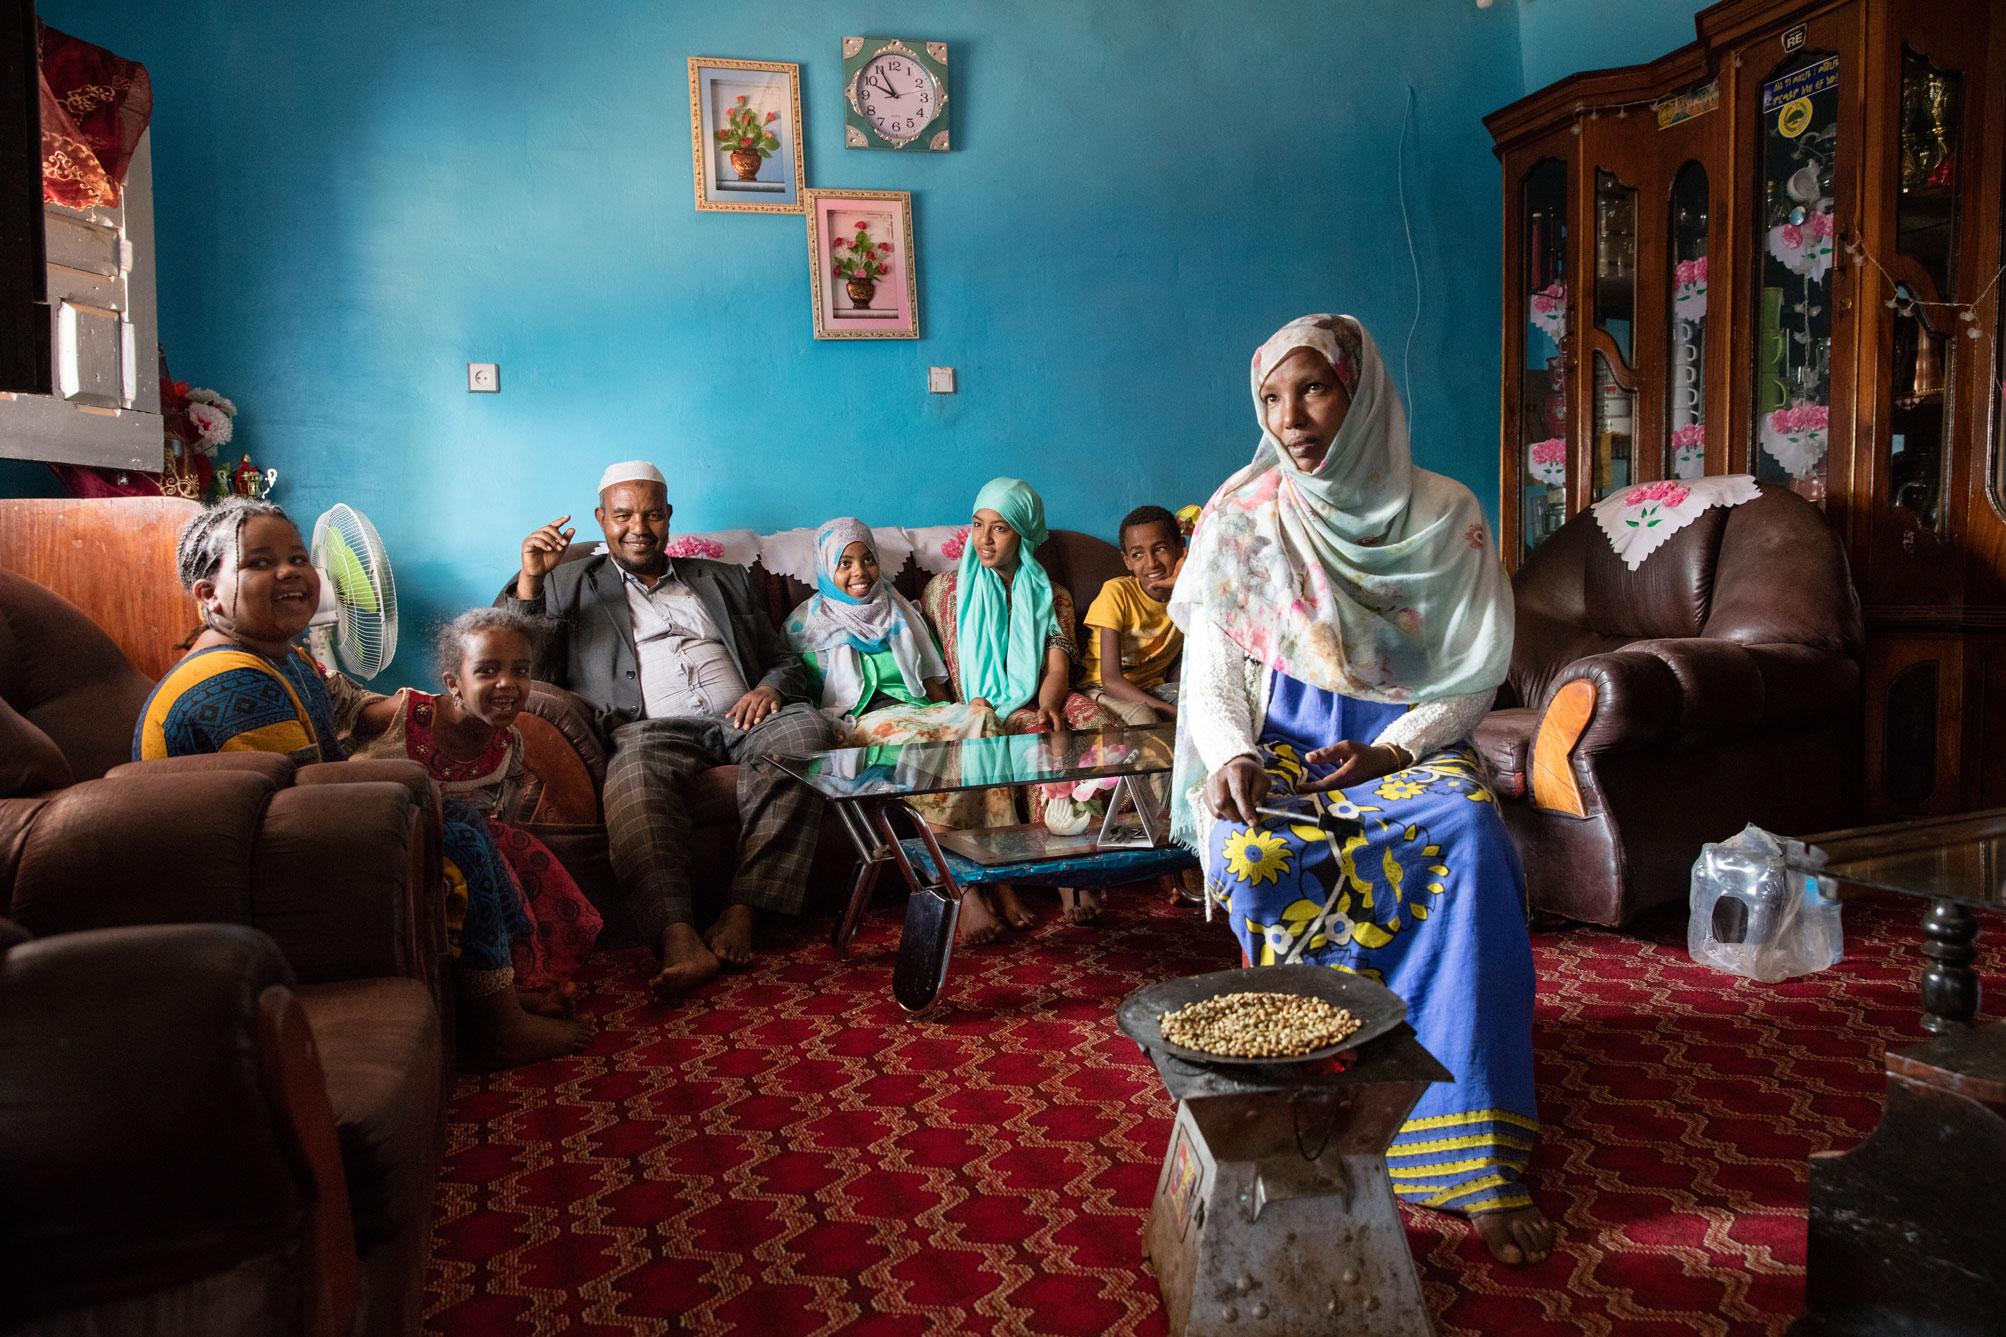 84-TBrandxPeets-Ethiopia-_16A2223-WEB.jpg